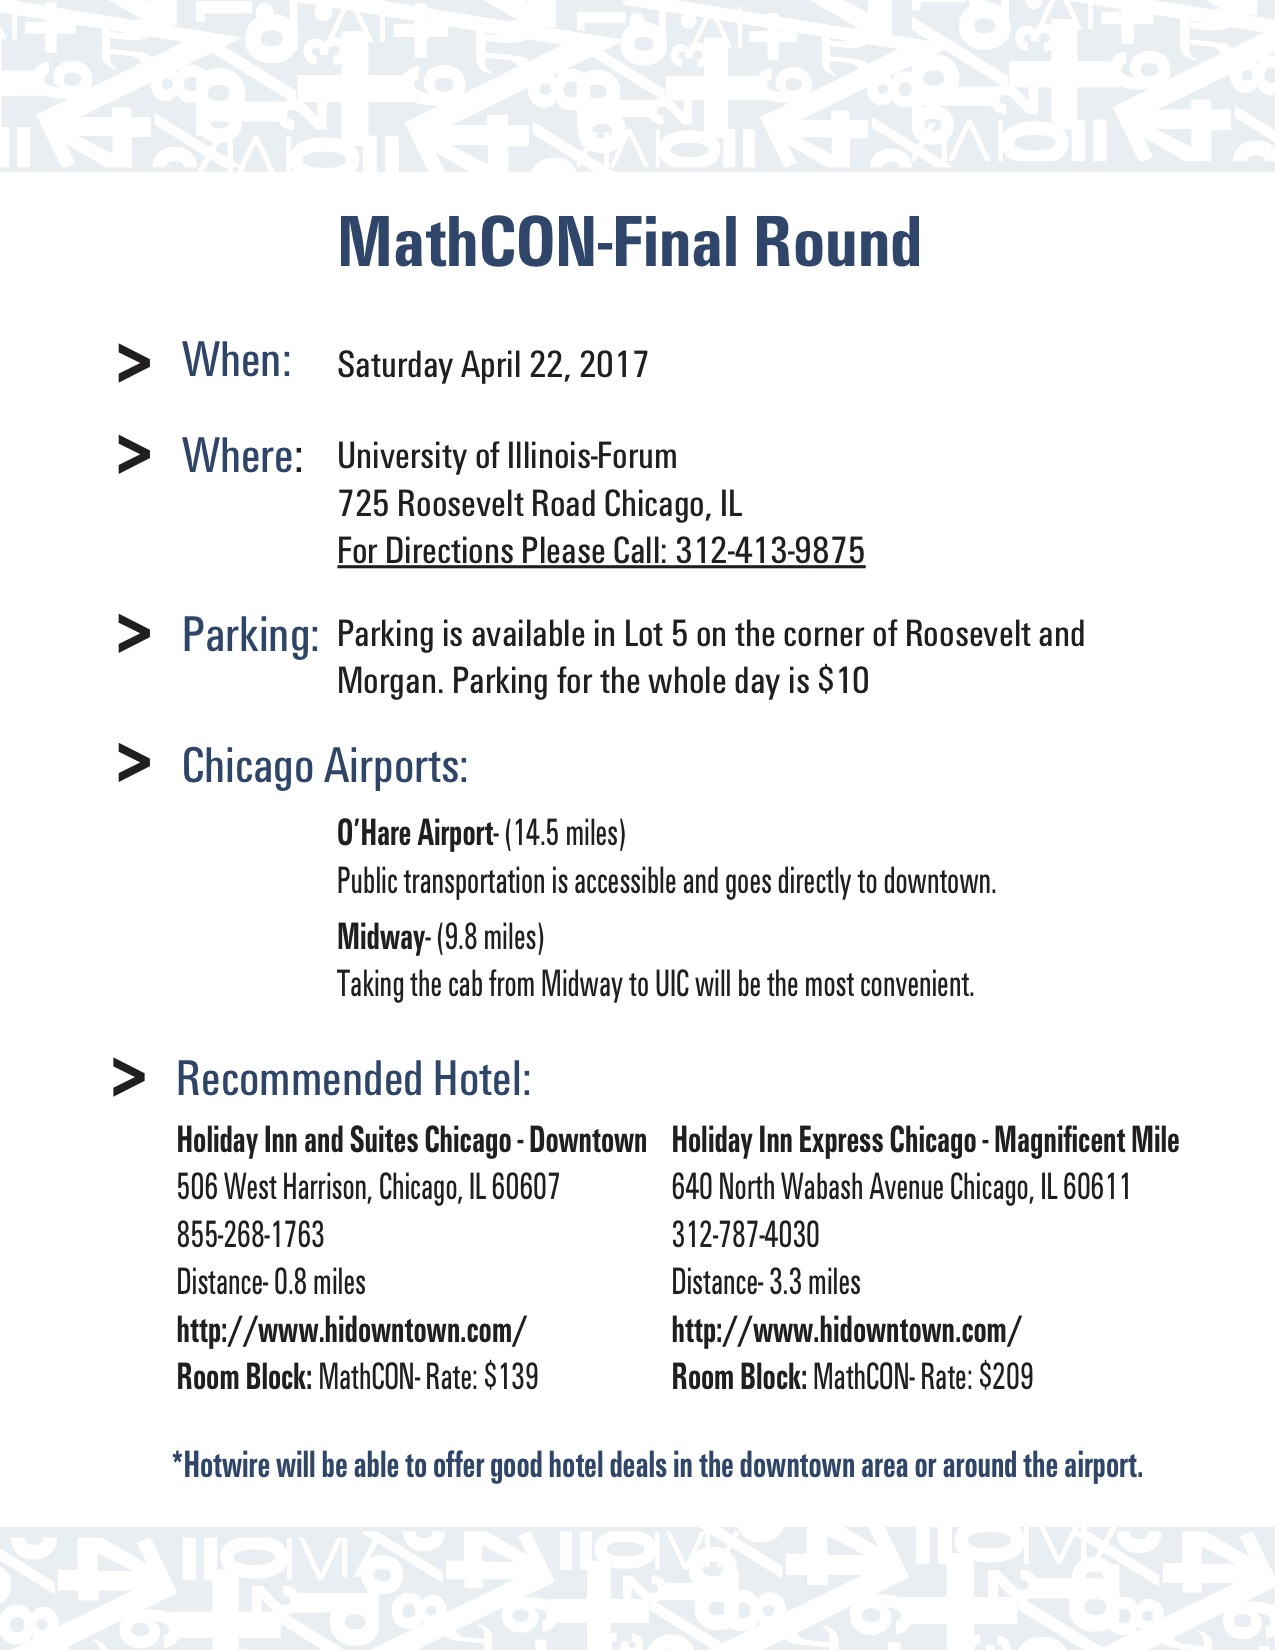 MathCon 2017 – MathCON